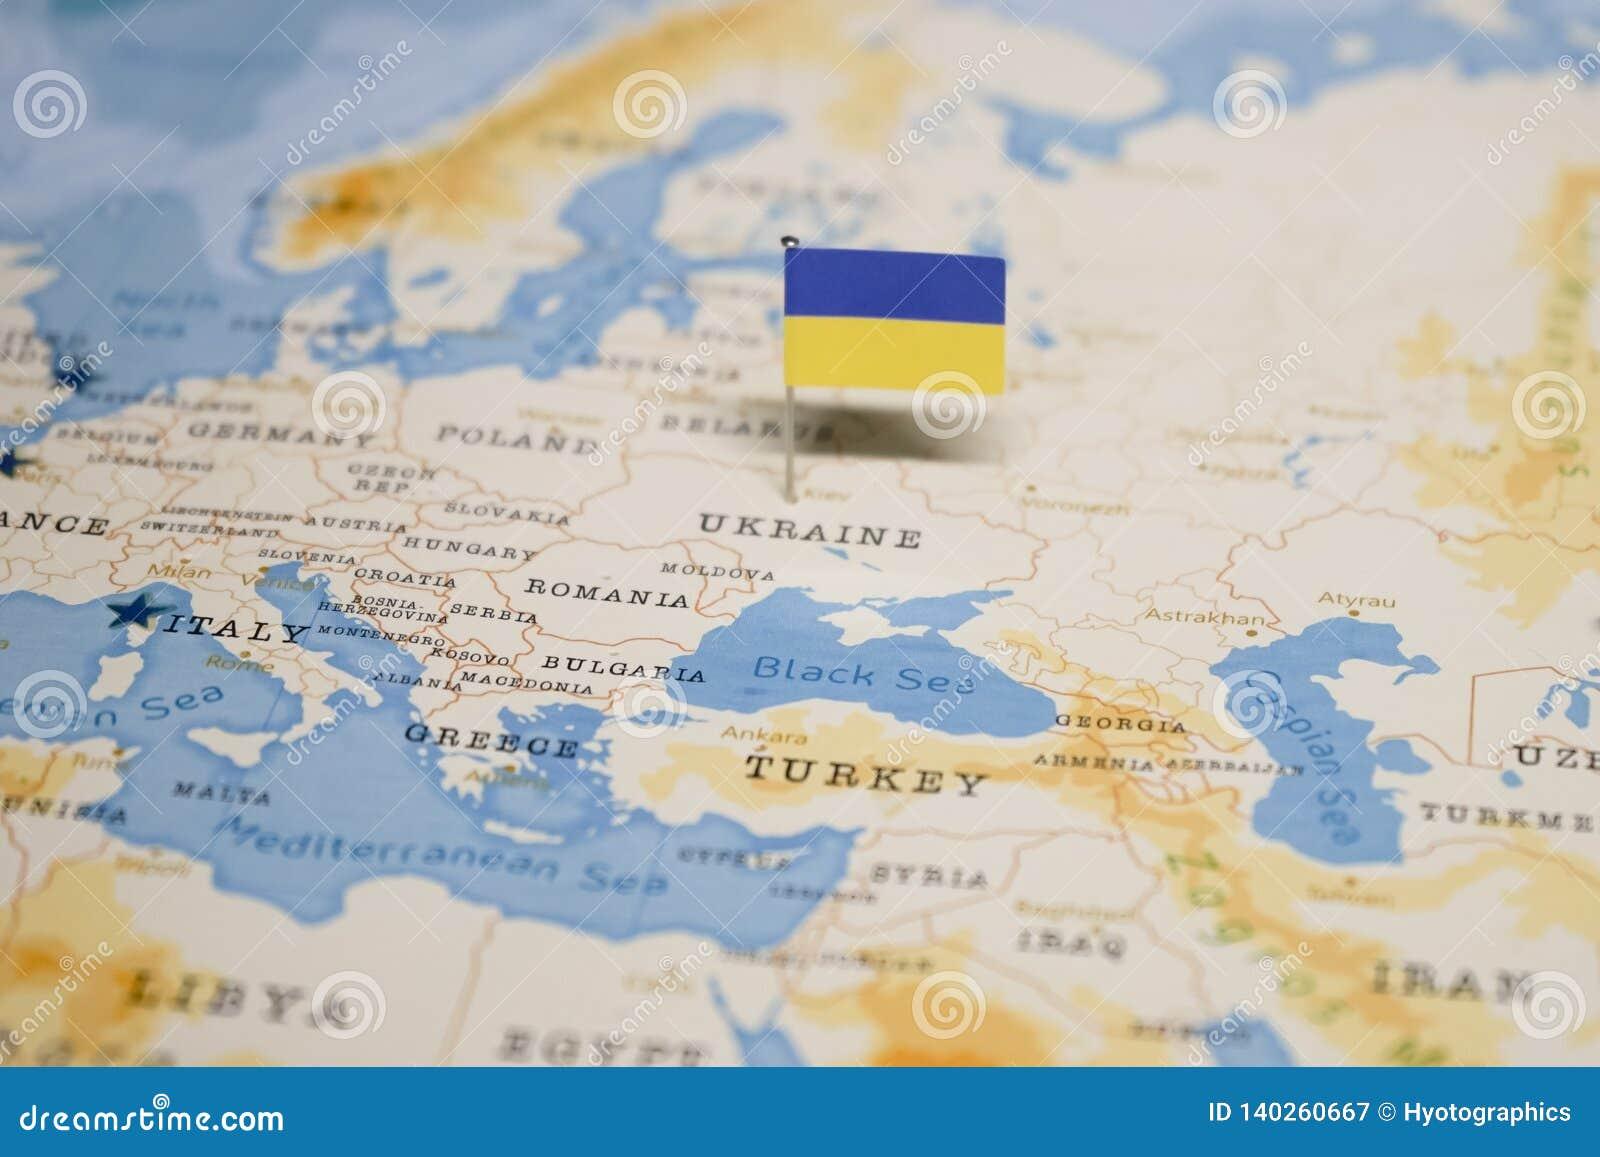 Ukraine Carte Du Monde.Le Drapeau De L Ukraine Dans La Carte Du Monde Image Stock